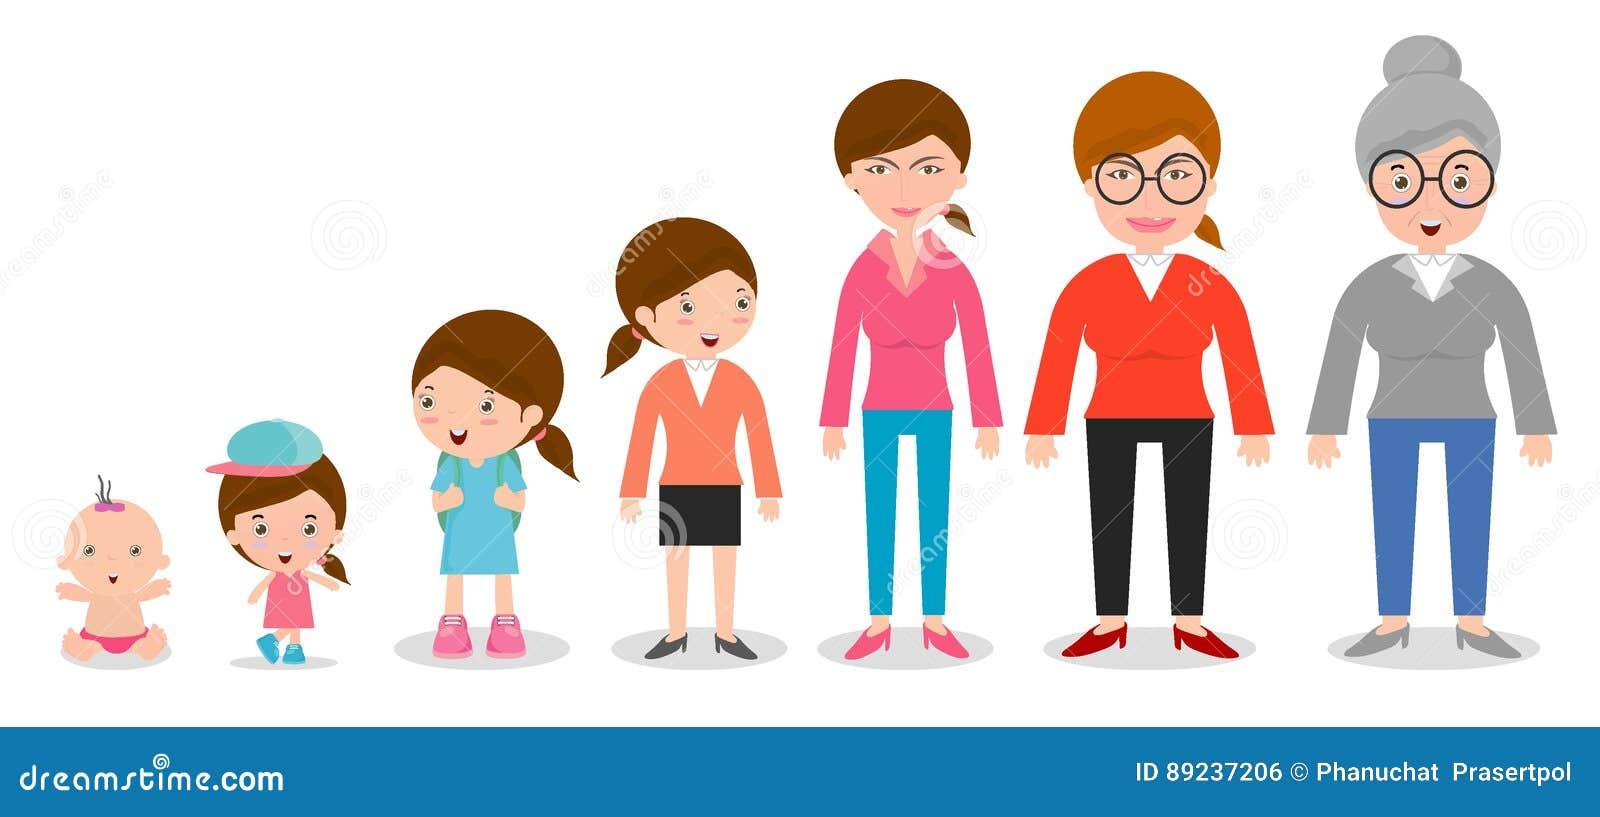 Παραγωγή των γυναικών από τα νήπια στους νεώτερους Όλες οι κατηγορίες ηλικίας απομονωμένος στο άσπρο υπόβαθρο, παραγωγή των γυναι